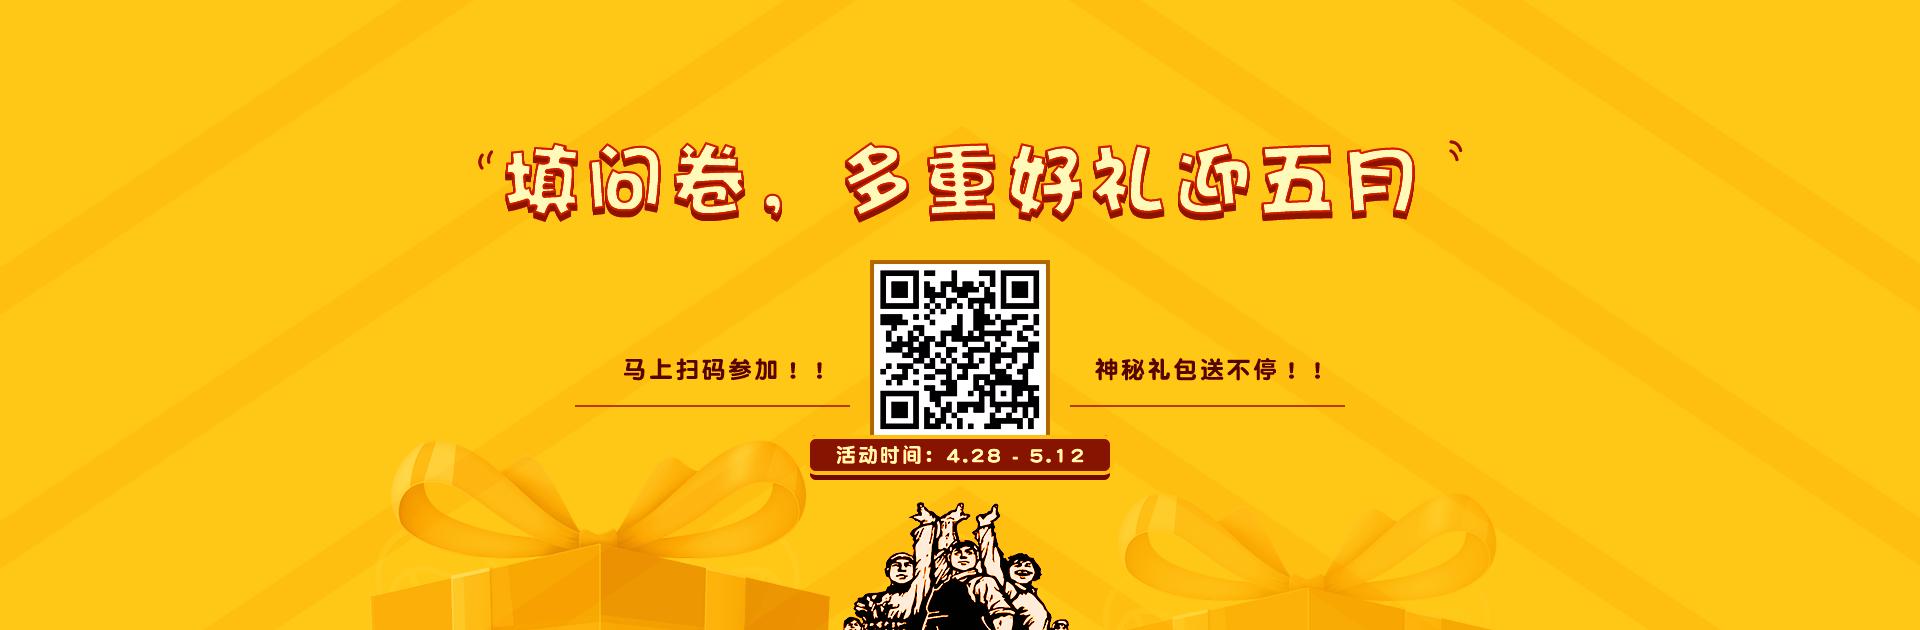 劳动节问卷_精斗云官网-1